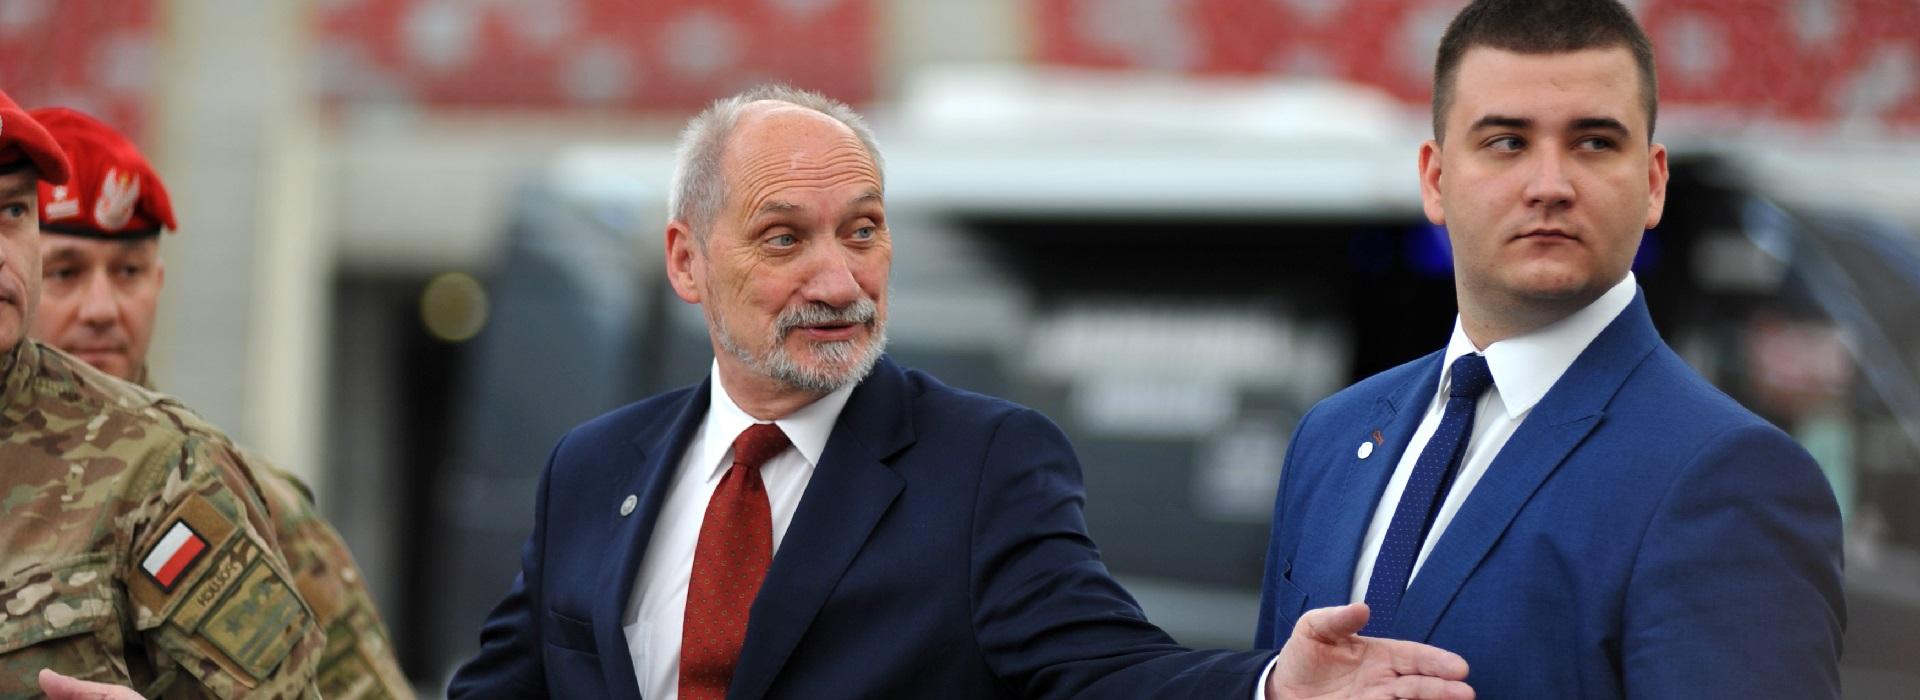 Skandal w MON: Bartłomiej Misiewicz prowadził odprawę z oficerami